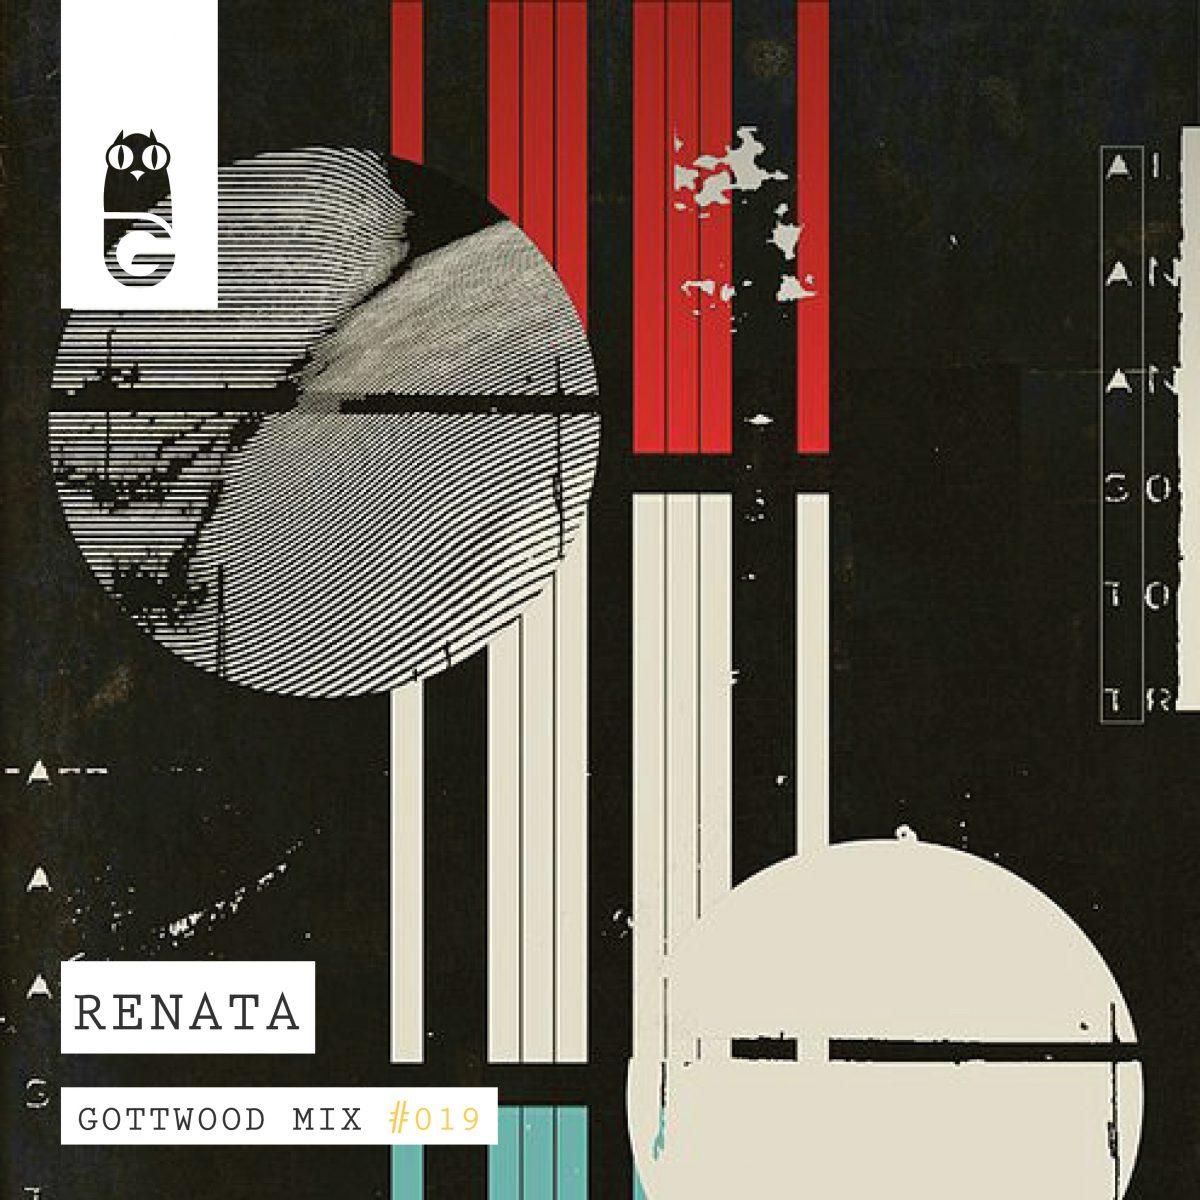 019 - Renata